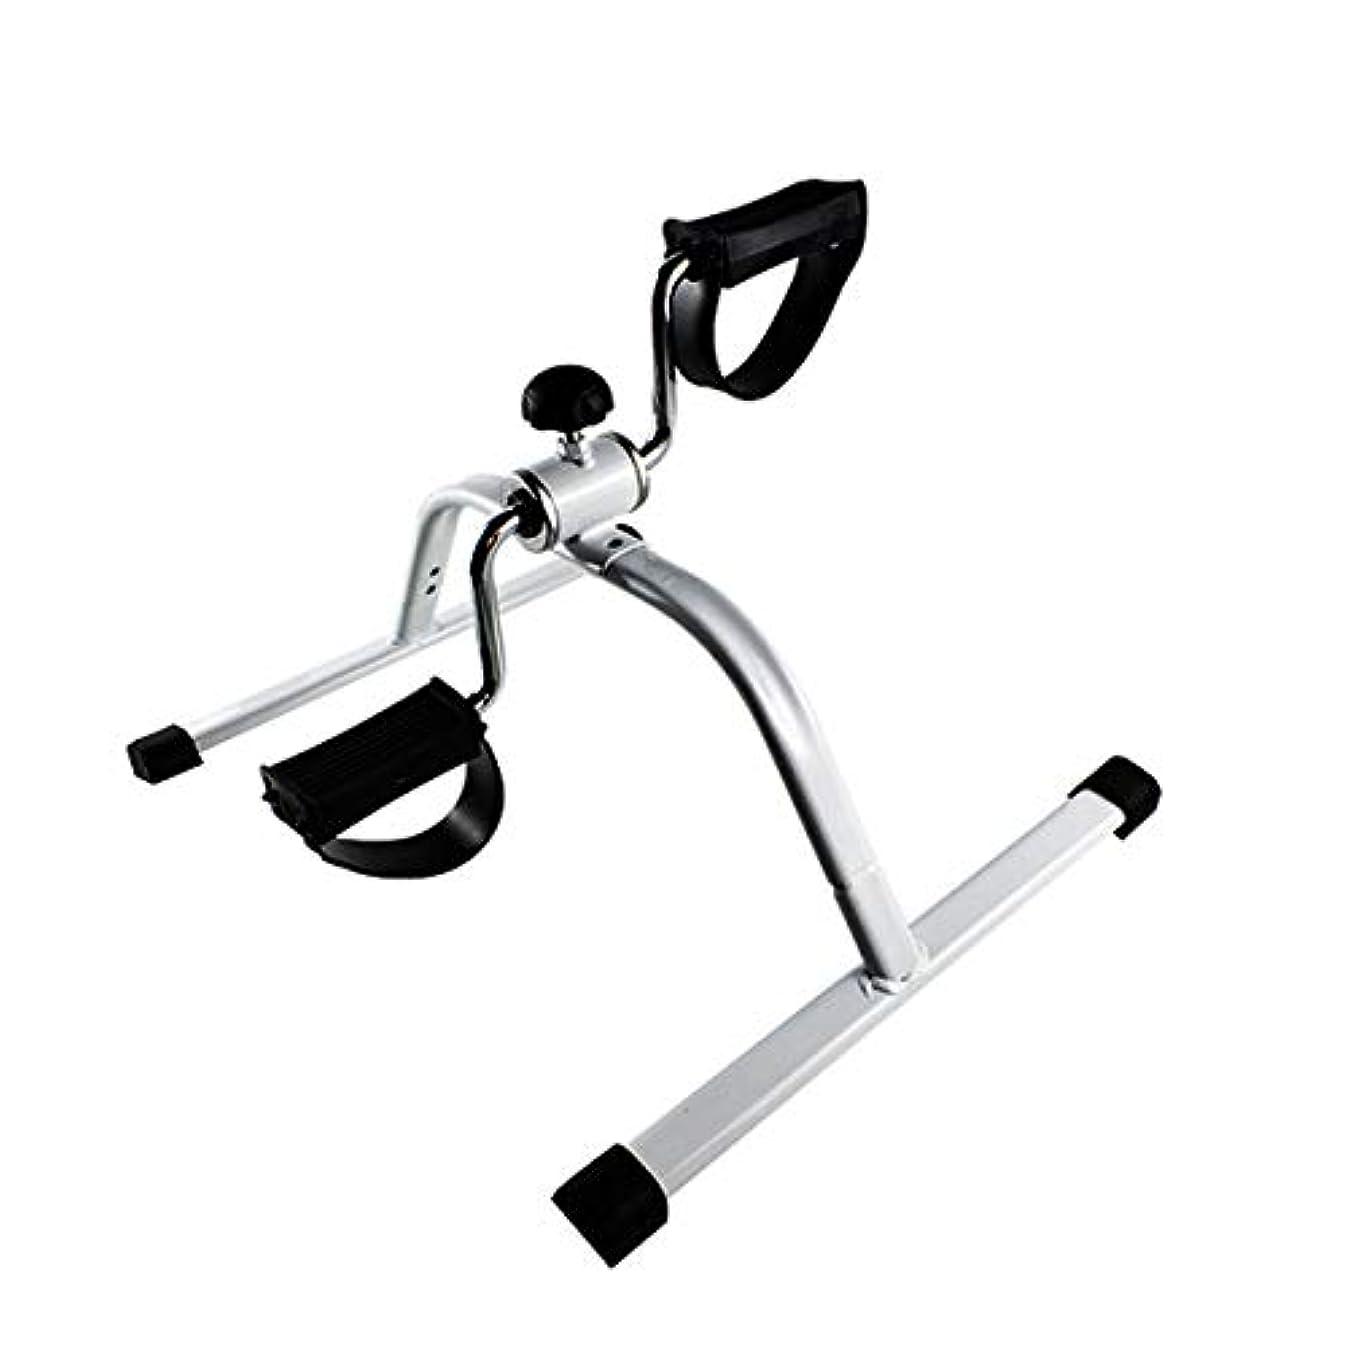 入学する旅行エゴイズム高齢者リハビリテーション訓練自転車、上肢および下肢のトレーニング機器、ホームレッグアームペダルエクササイザー、ホーム理学療法フィットネストレーニング,A